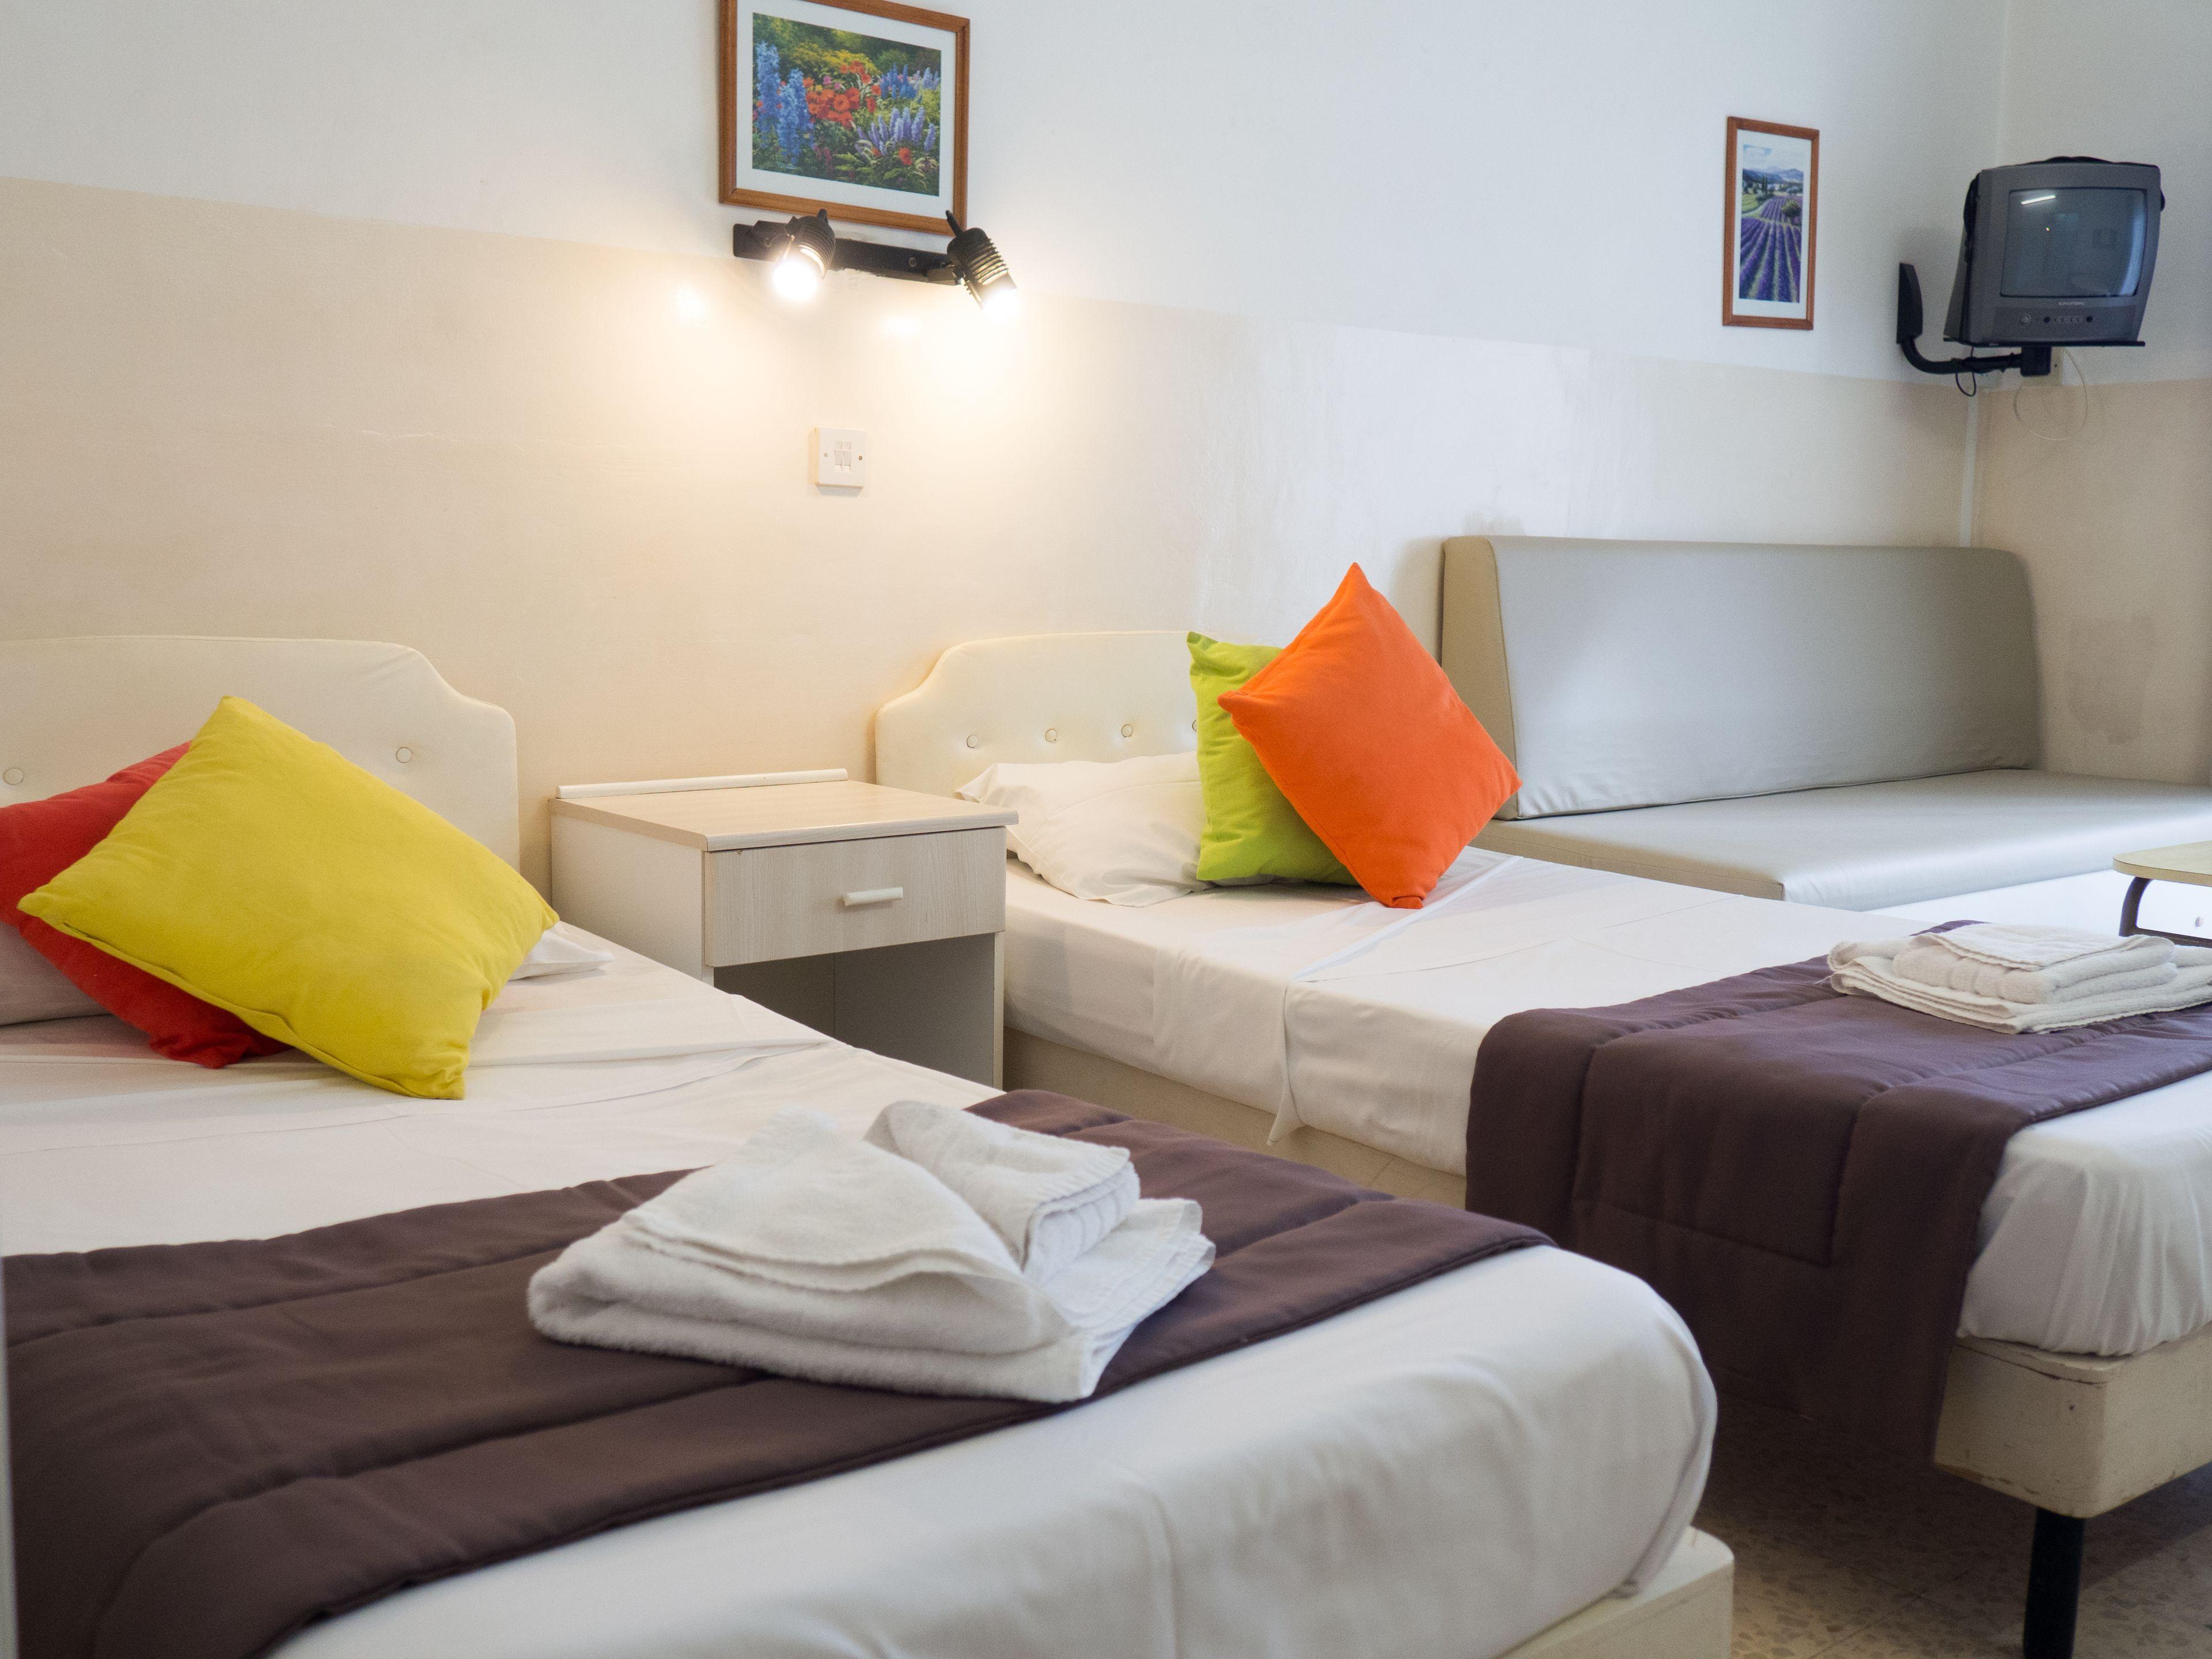 Huli And Apartments